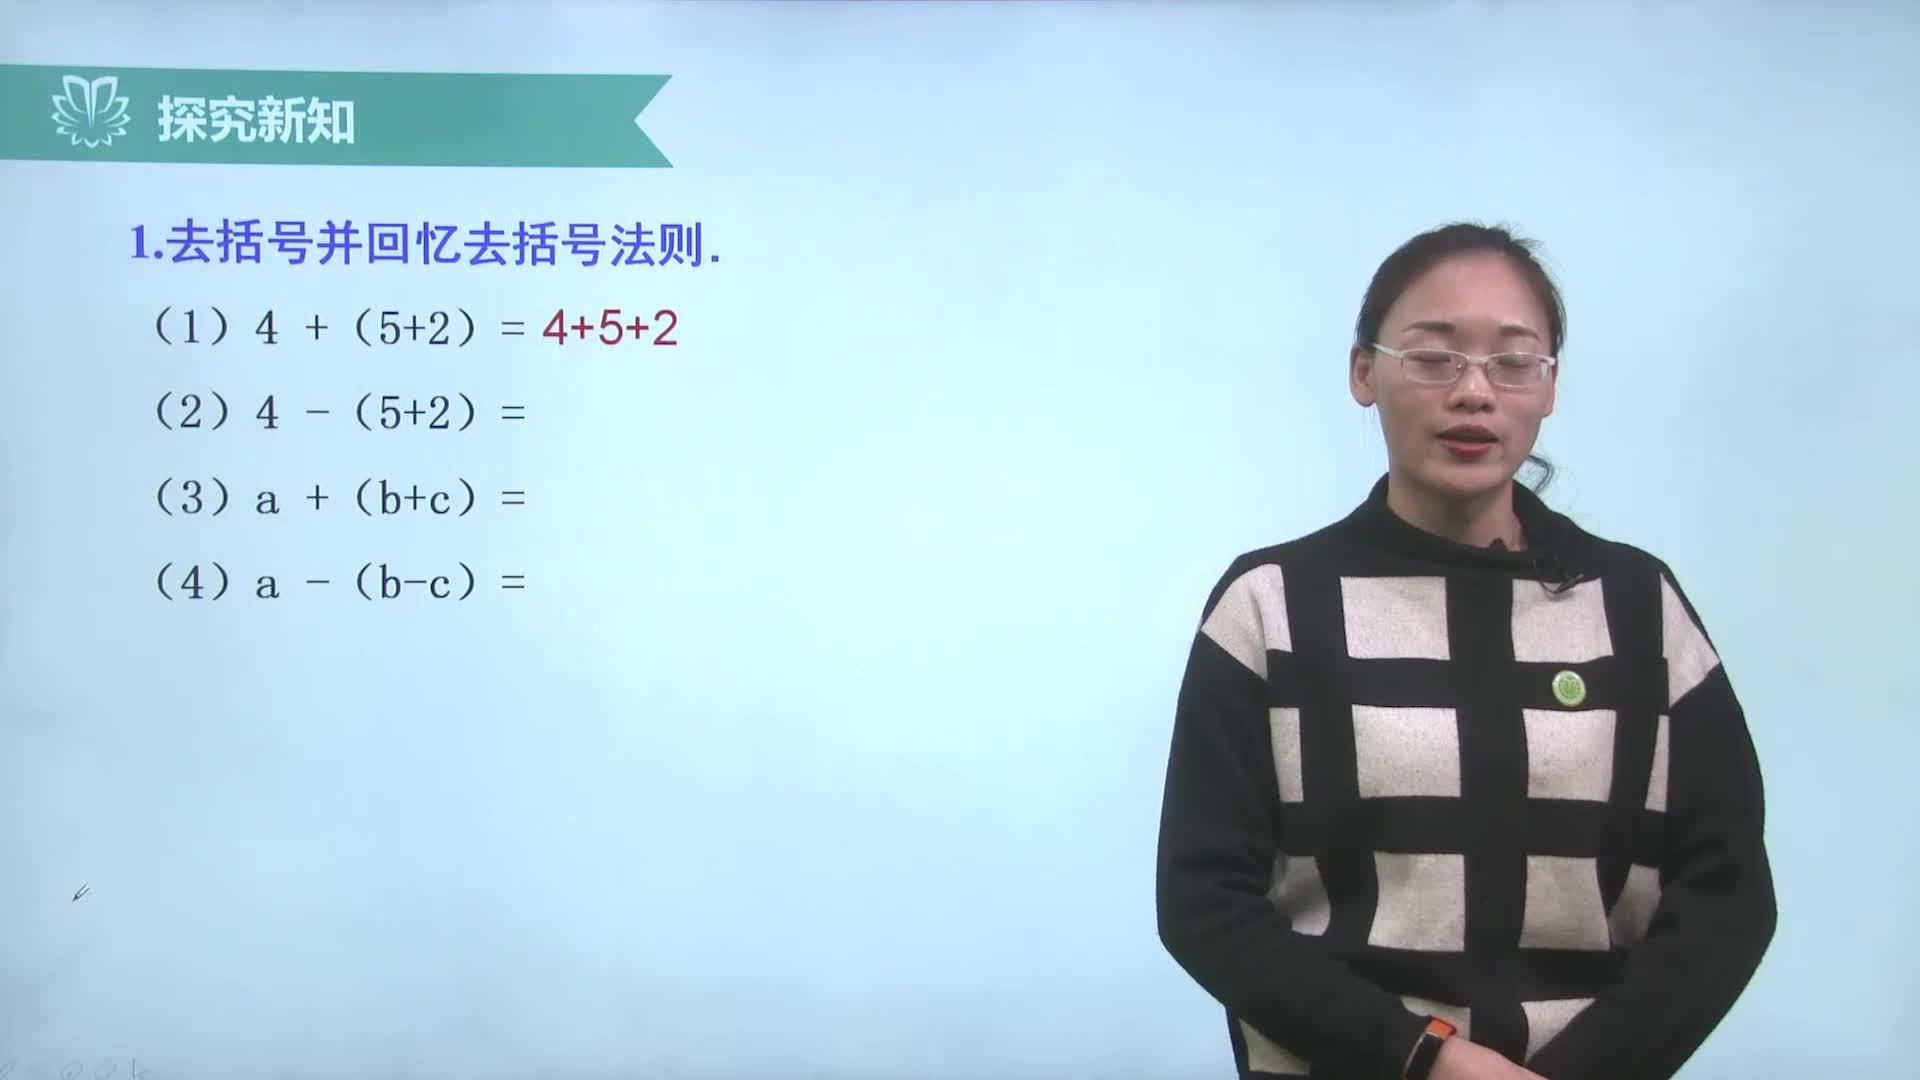 視頻37 14.2.2完全平方公式(2)添括號法則【慕聯】初中完全同步系列人教版數學八年級上冊